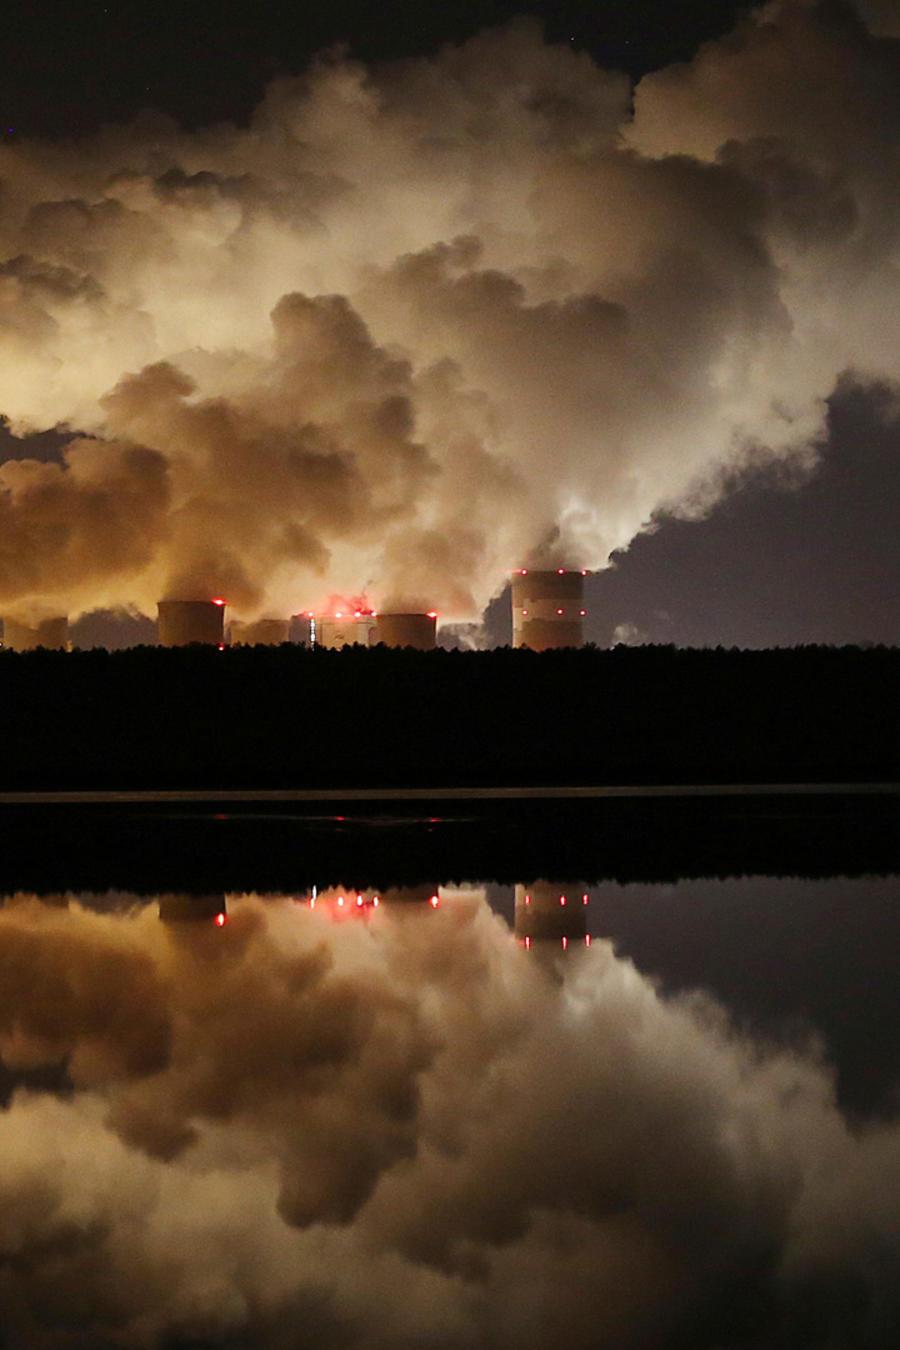 Una fábrica arroja humo a la atmósfera en una imagen de archivo